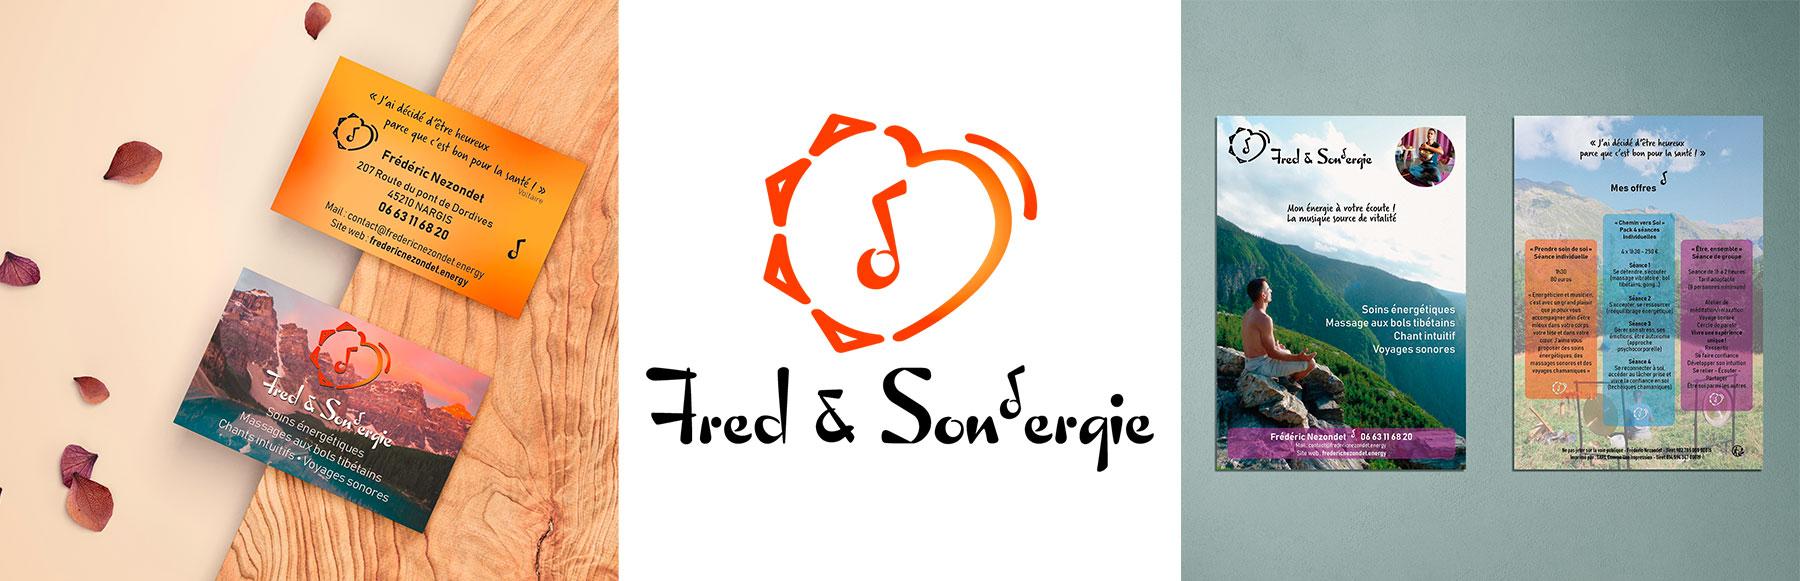 Cette image représente la carte de visite, le logo et le flyer de Fred & Son'ergie